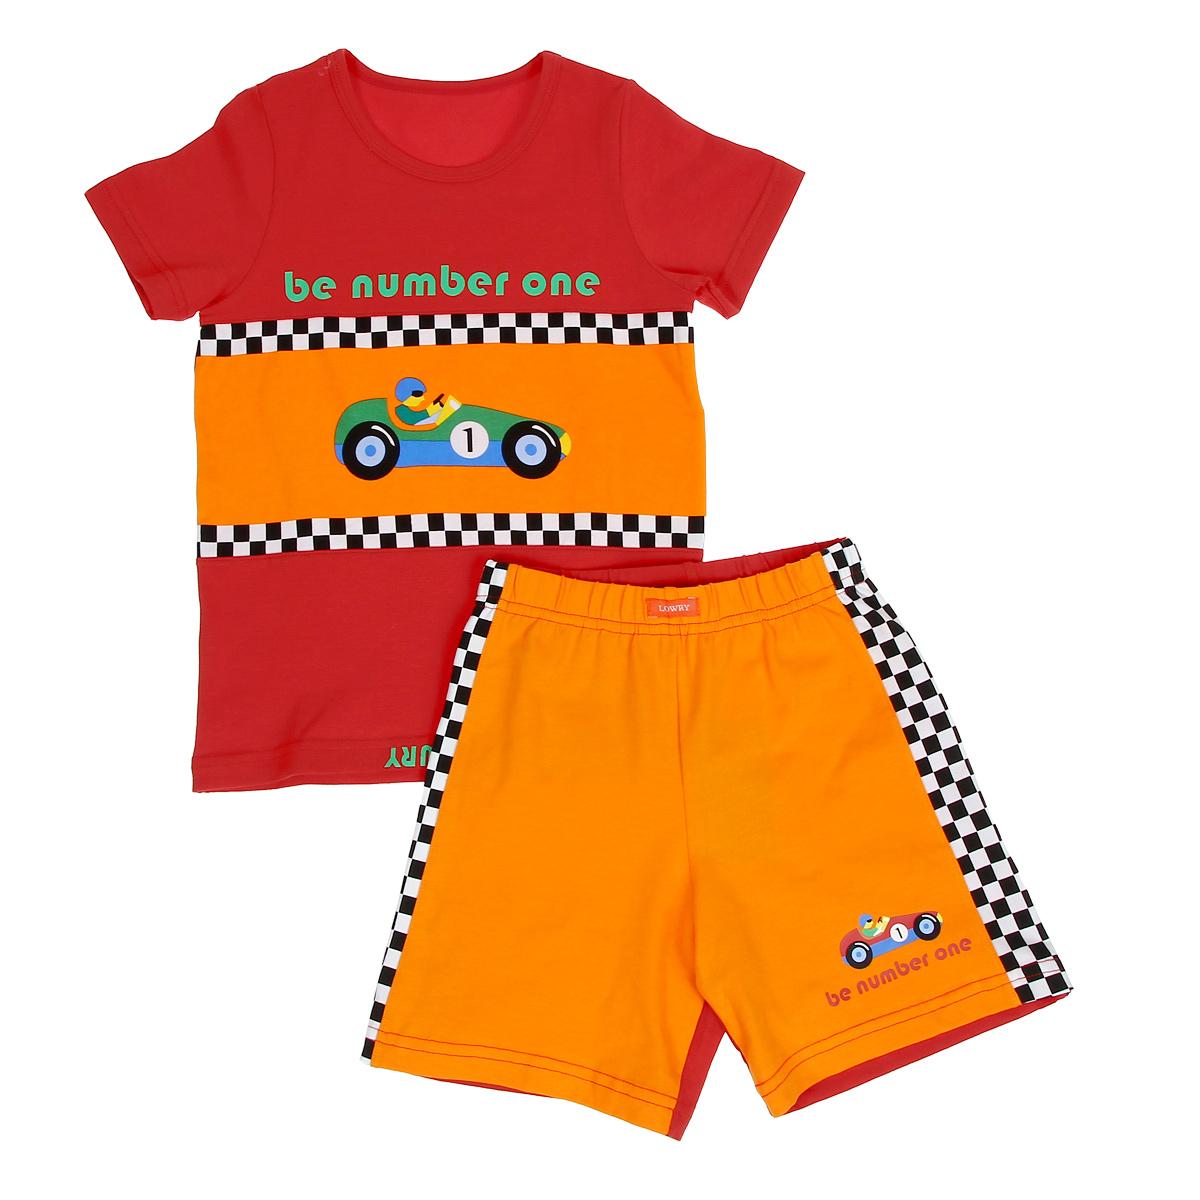 Комплект для мальчика Lowry: футболка, шорты, цвет: красный, оранжевый. BF/BSHL-272. Размер 36 (XL)BF/BSHL-272Комплект для мальчика Lowry, состоящий из футболки и шорт, идеально подойдет вашему малышу. Изготовленный из хлопка с добавлением лайкры, он необычайно мягкий и приятный на ощупь, не сковывает движения малыша и позволяет коже дышать, не раздражает даже самую нежную и чувствительную кожу ребенка, обеспечивая ему наибольший комфорт. Футболка с короткими рукавами и круглым вырезом горловины на груди оформлена ярким оригинальным принтом с изображением гоночной трассы, гоночного болида, а также надписью Be Number One.Шортики на талии имеют широкую эластичную резинку, благодаря чему они не сдавливают животик ребенка и не сползают. Оформлены шортики термоаппликацией с изображением гоночного болида и надписью Be Number One, а по бокам - принтом в клетку. Оригинальный дизайн и модная расцветка делают этот комплект незаменимым предметом детского гардероба. В нем вашему маленькому мужчине будет комфортно и уютно, и он всегда будет в центре внимания!